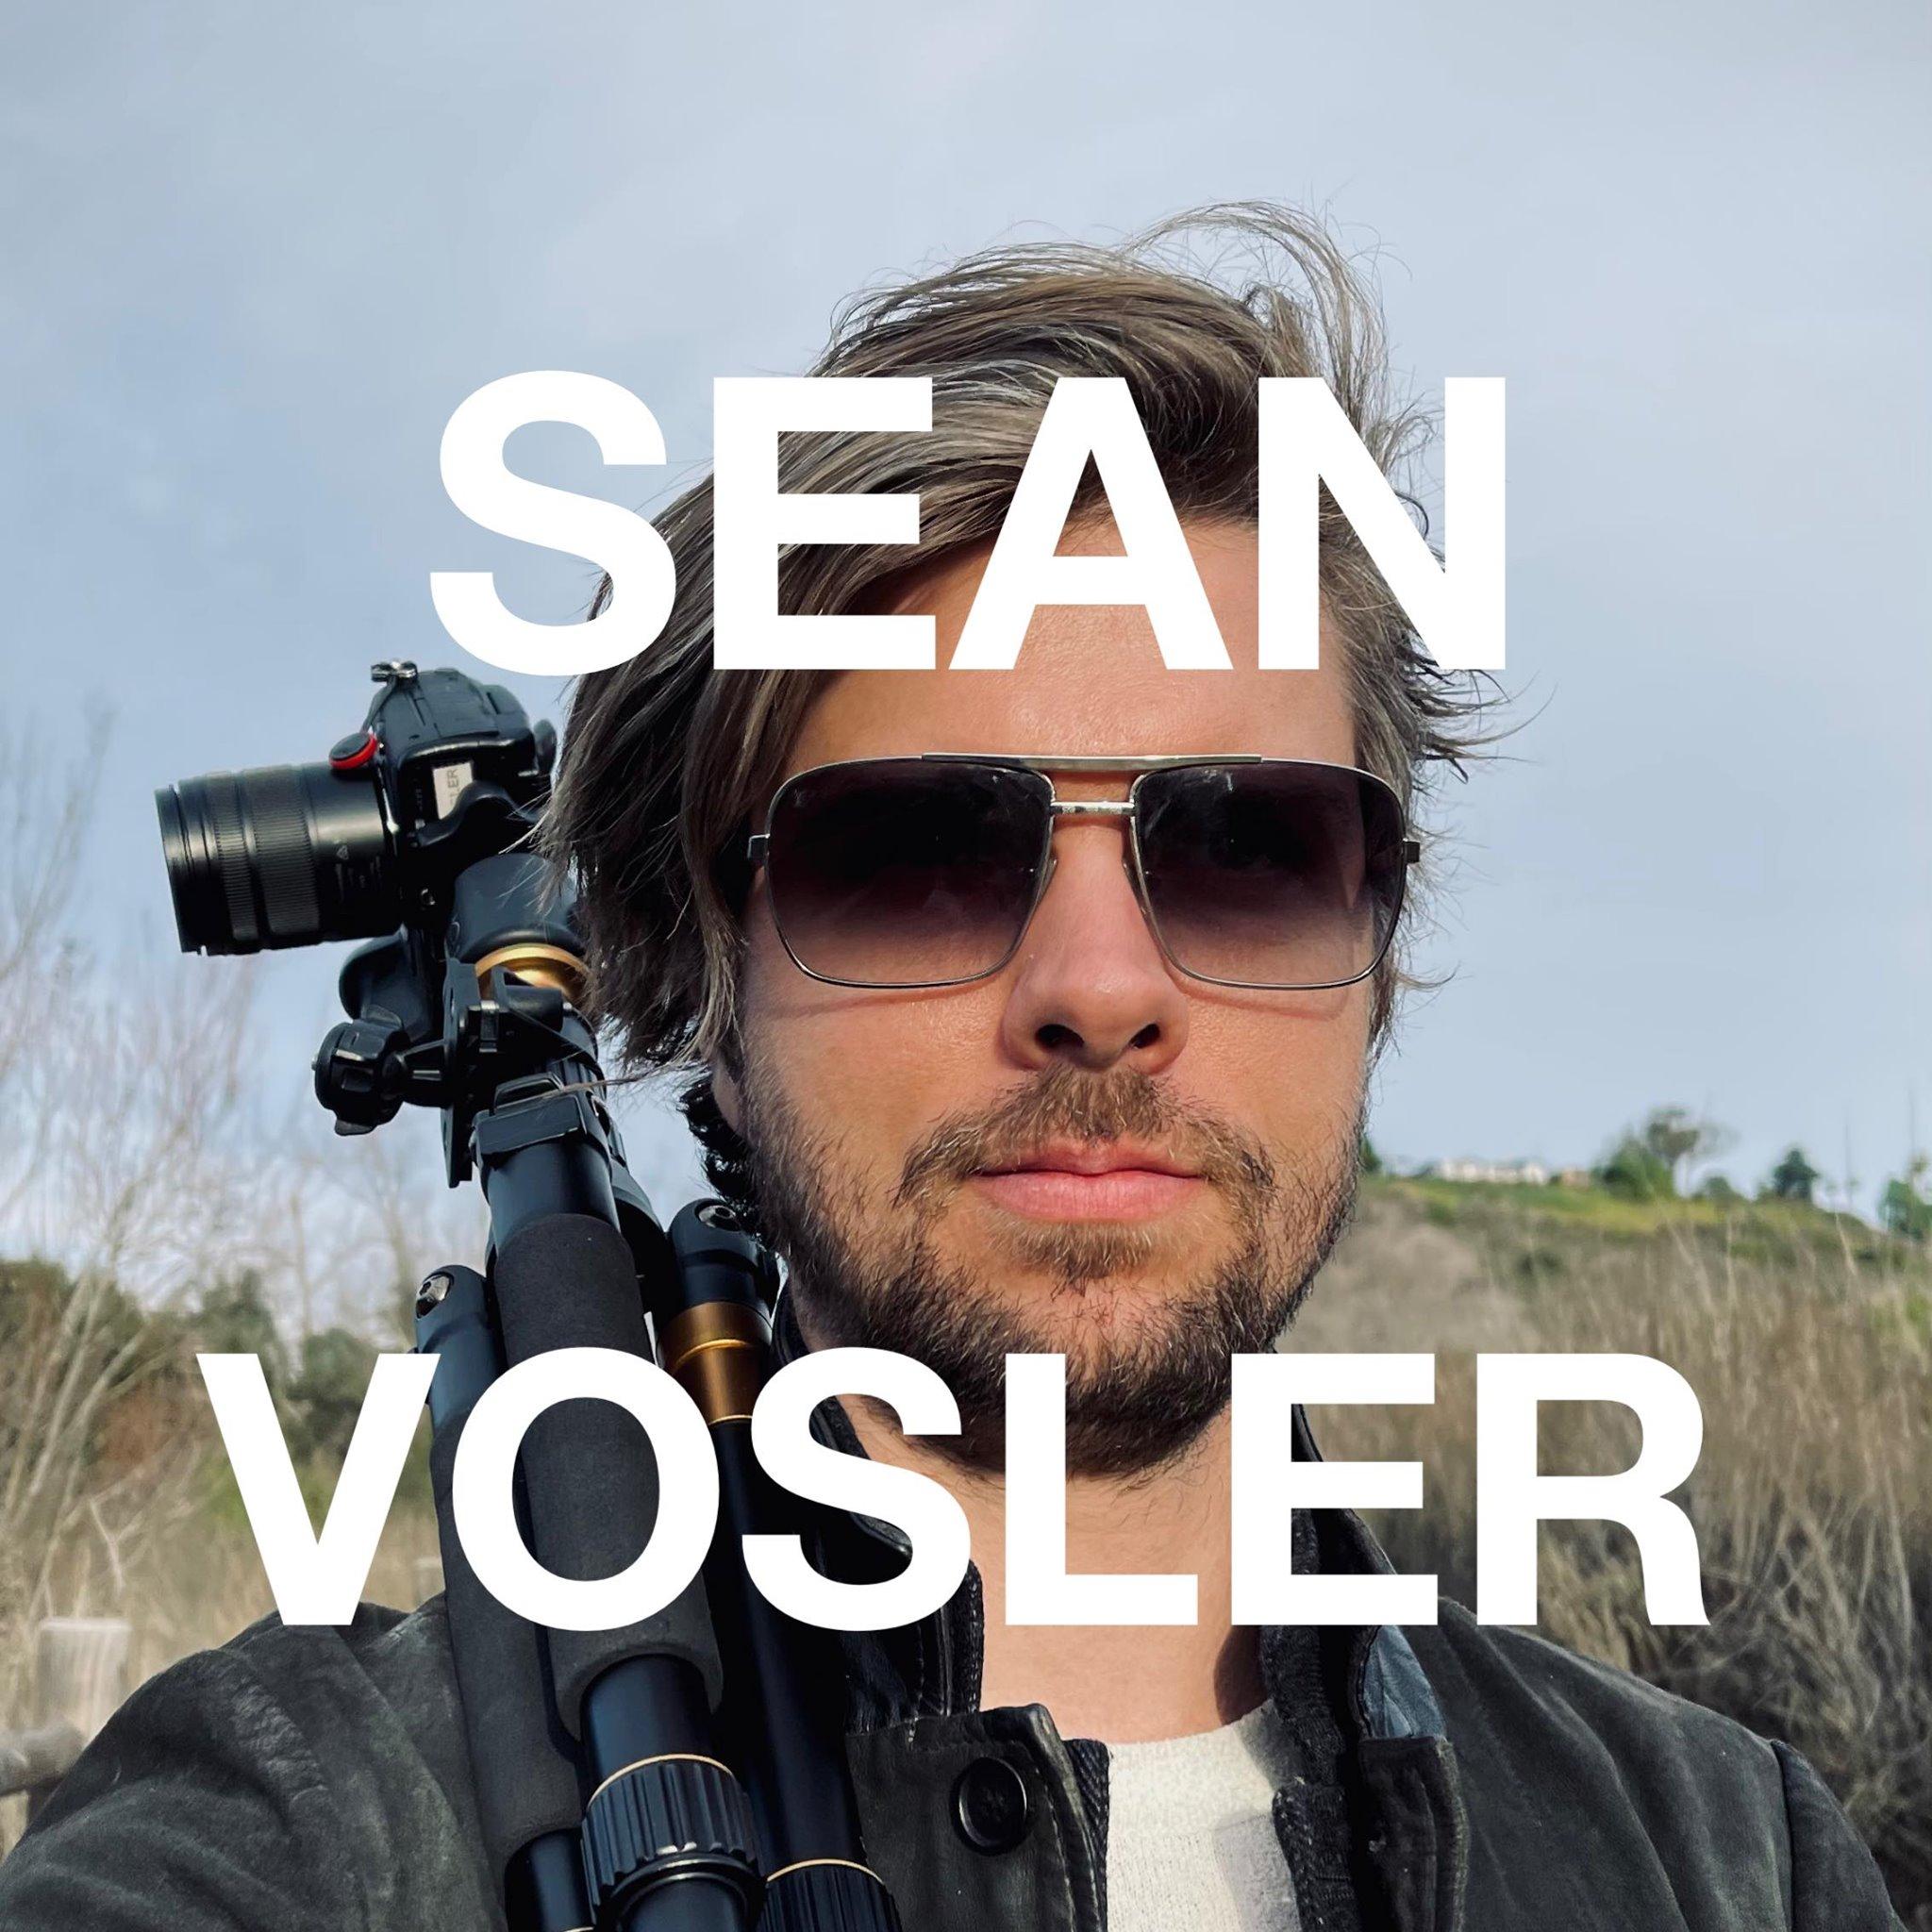 Sean Vosler